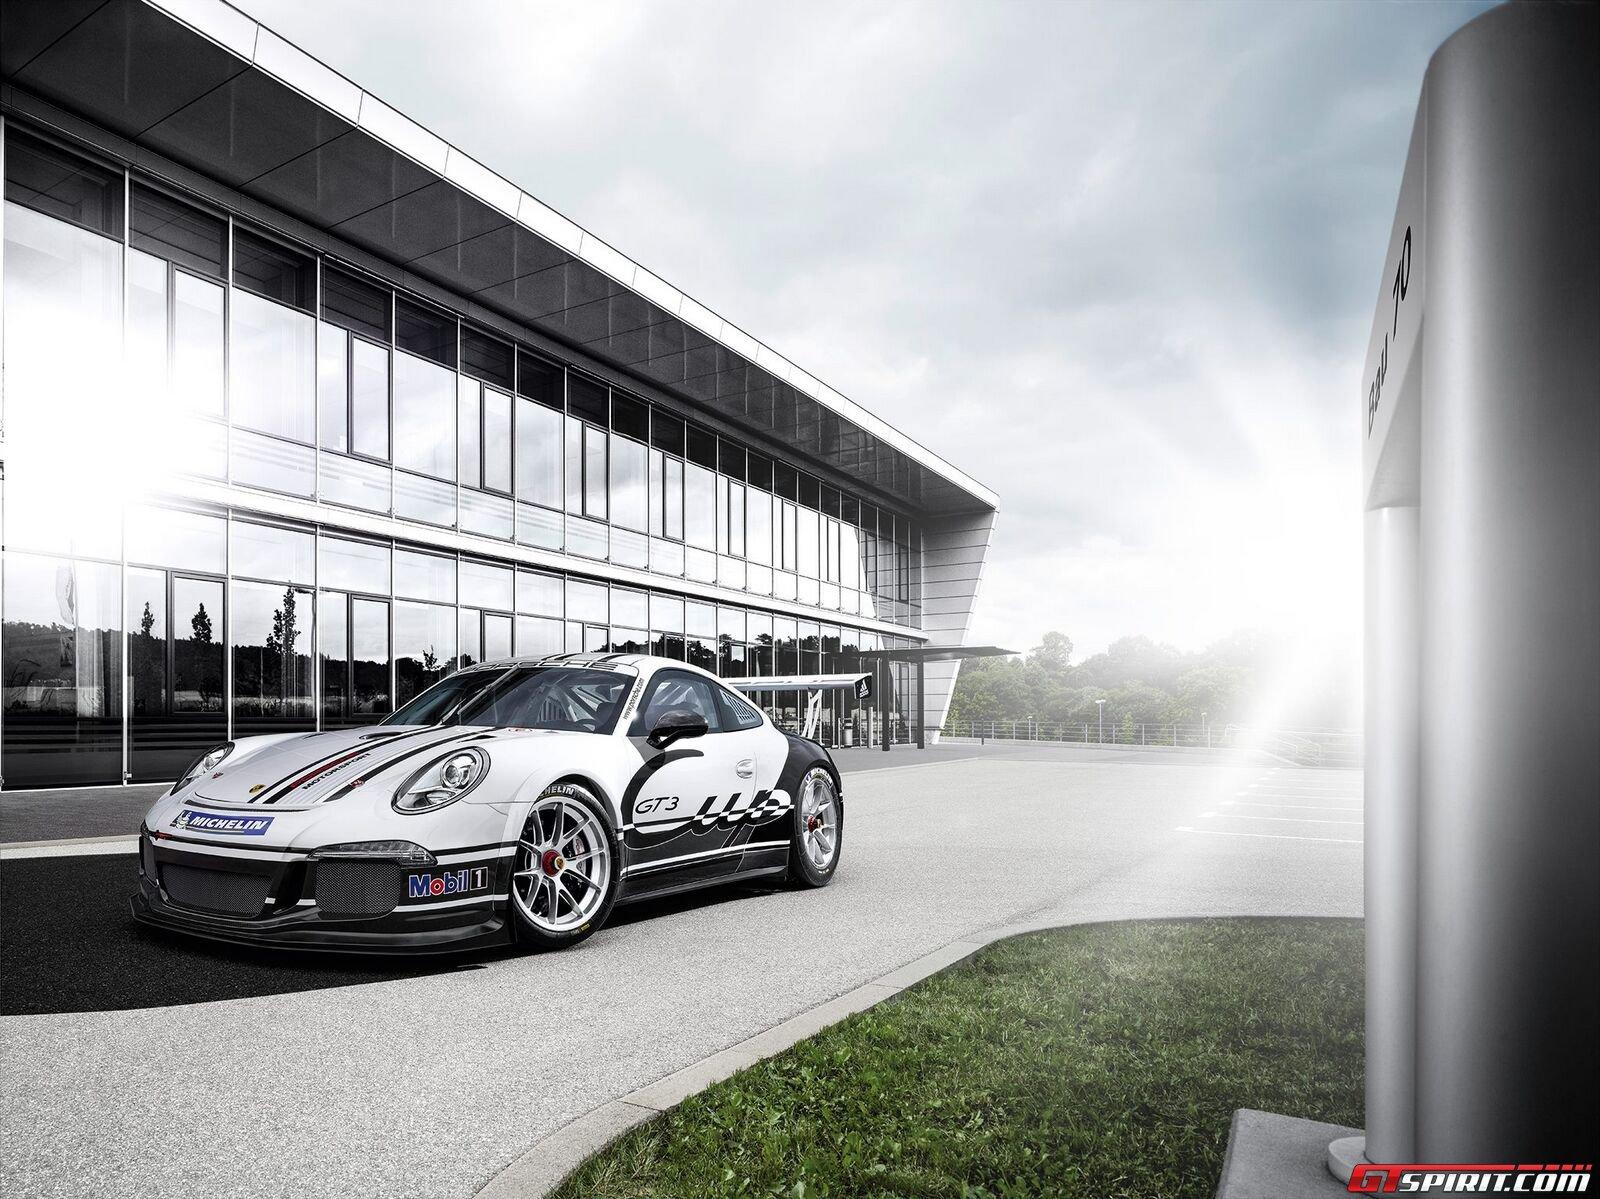 2013 Porsche 911 GT3 Cup - Part 2 Photo 1